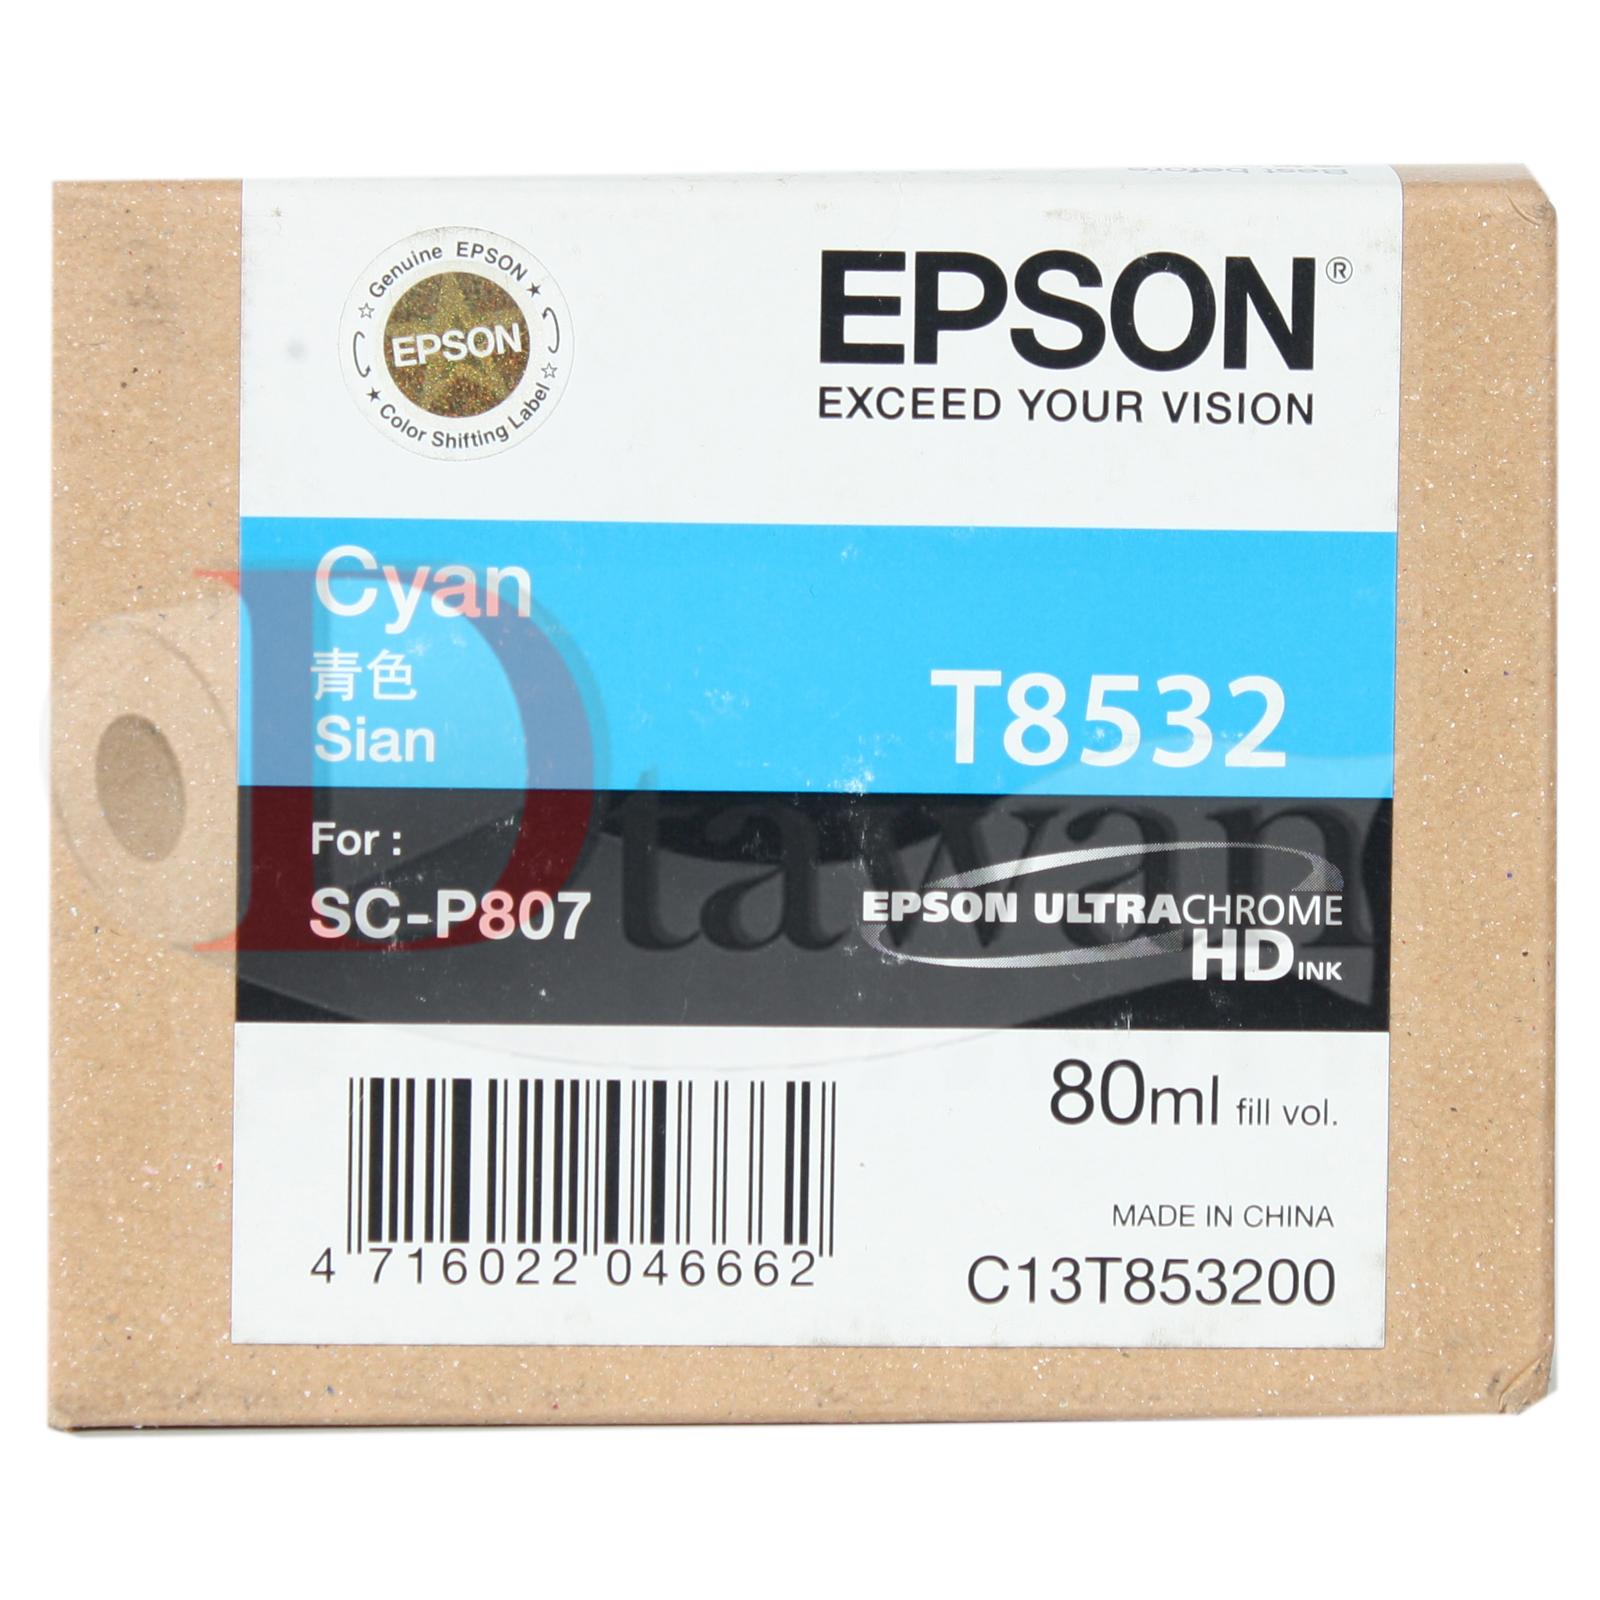 ตลับหมึกสำหรับ EPSON P807 รหัส T8532 สี CYAN